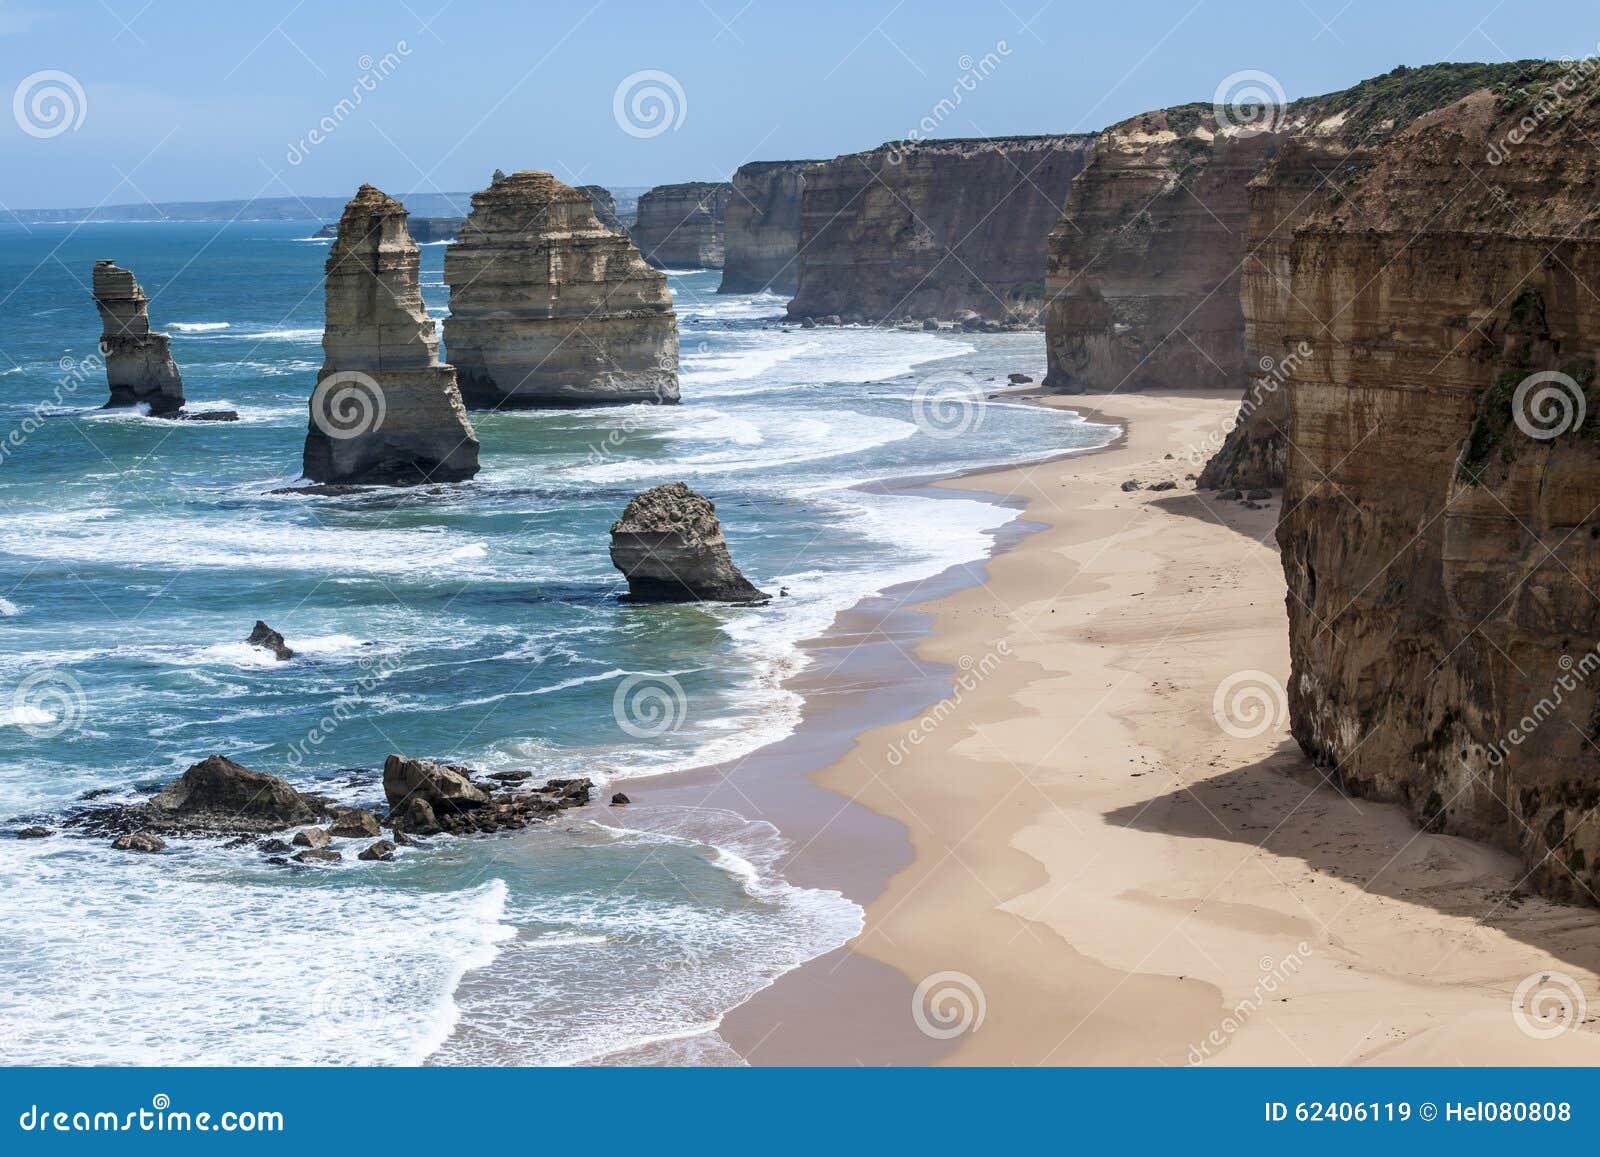 Mist on Twelve Apostles, Coastline Great Ocean Road, South Australia